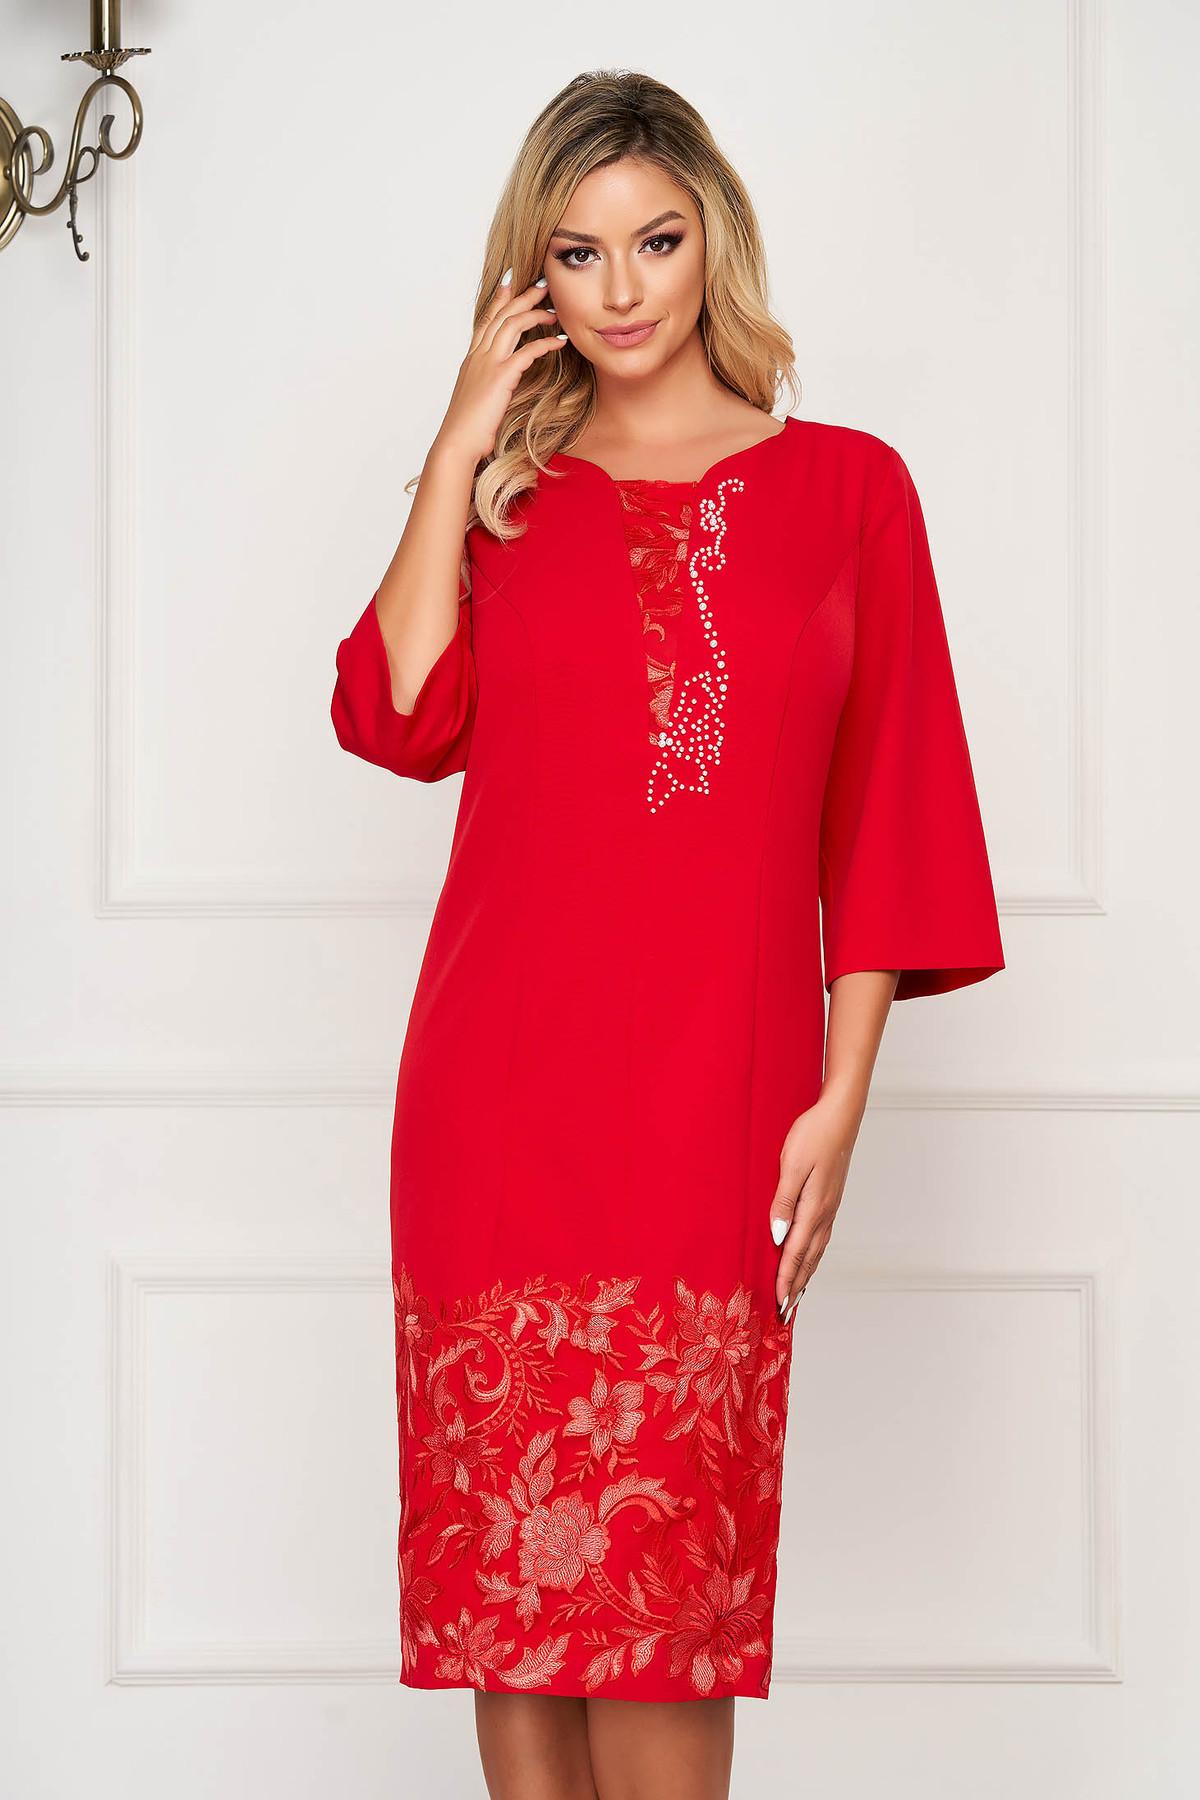 Rochie rosie de ocazie cu un croi drept din stofa usor elastica cu maneca trei sferturi